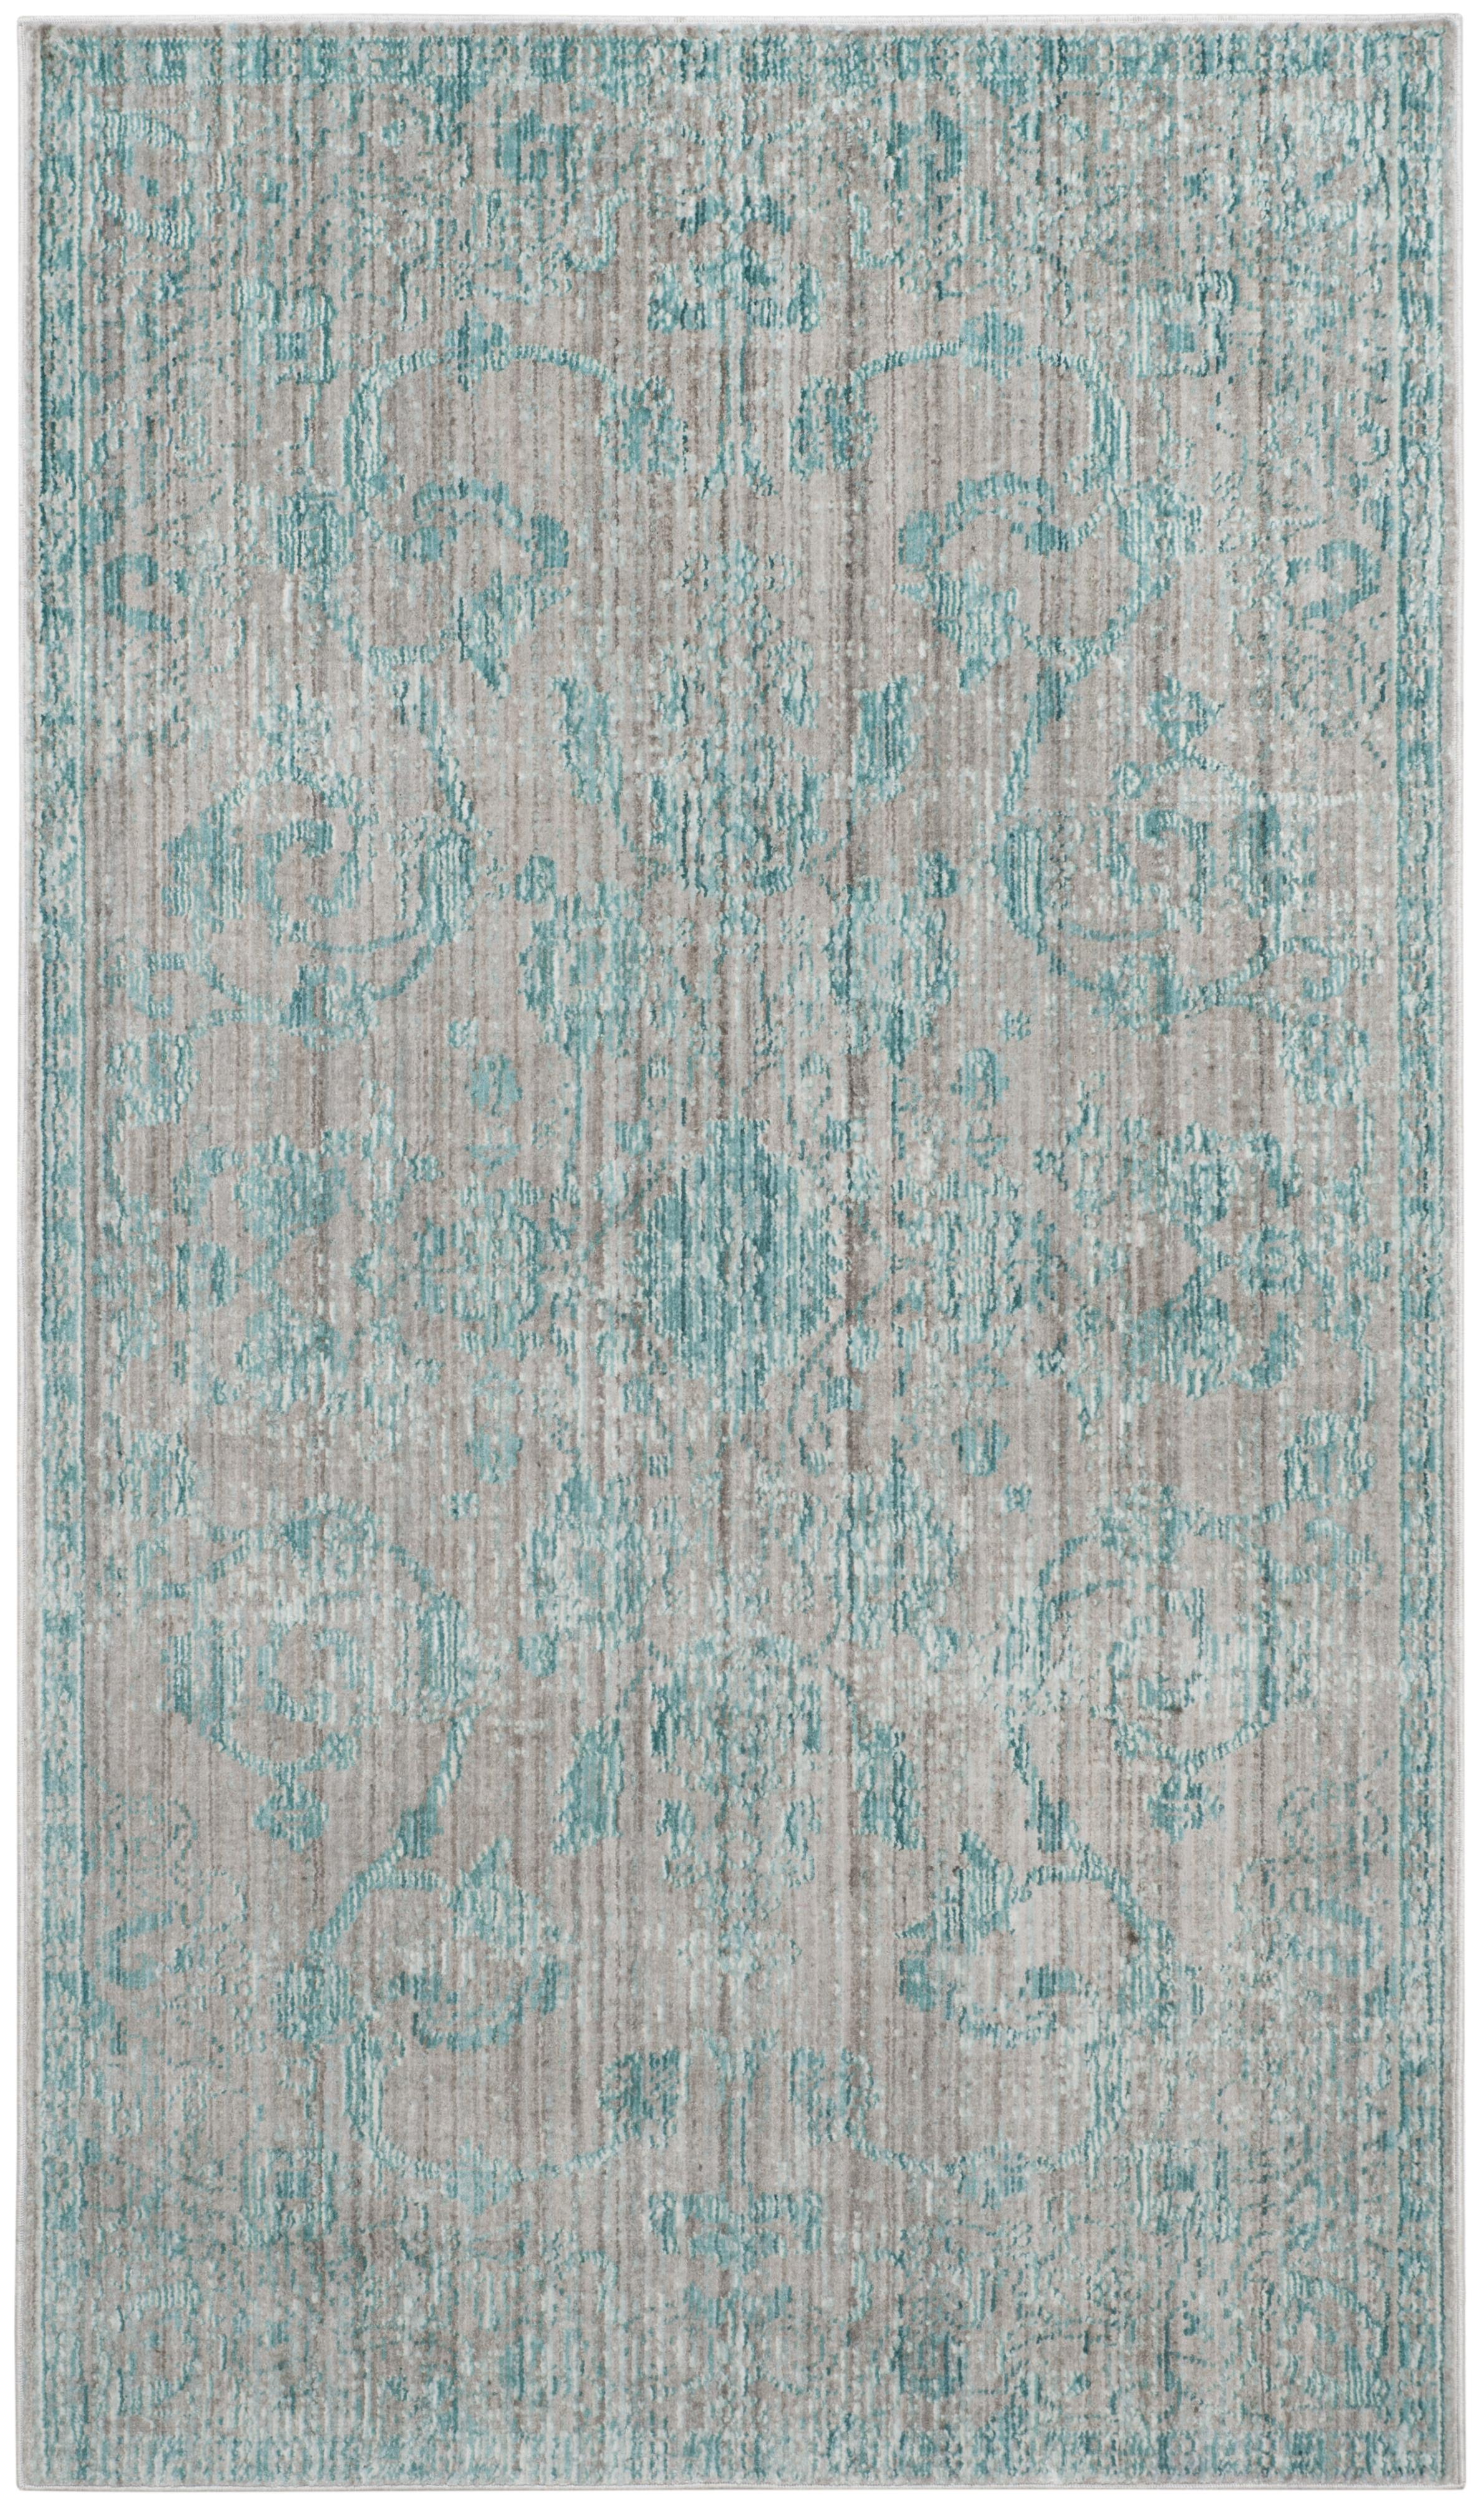 Tapis de salon d'inspiration vintage bleu et multicolore 121x182